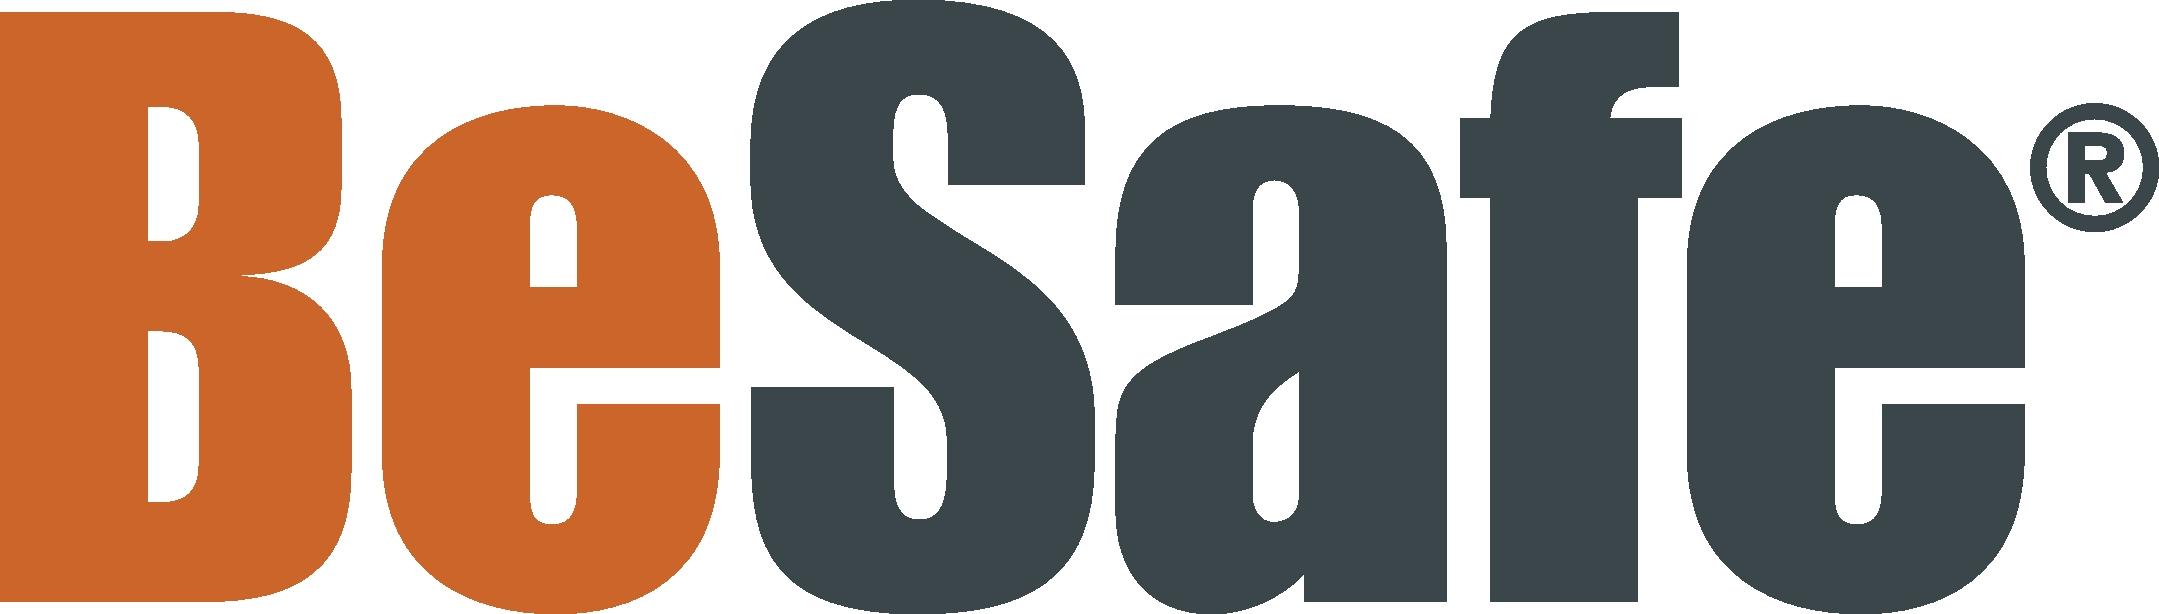 Cocuklar Icin Güvenlidir Logo photo - 1